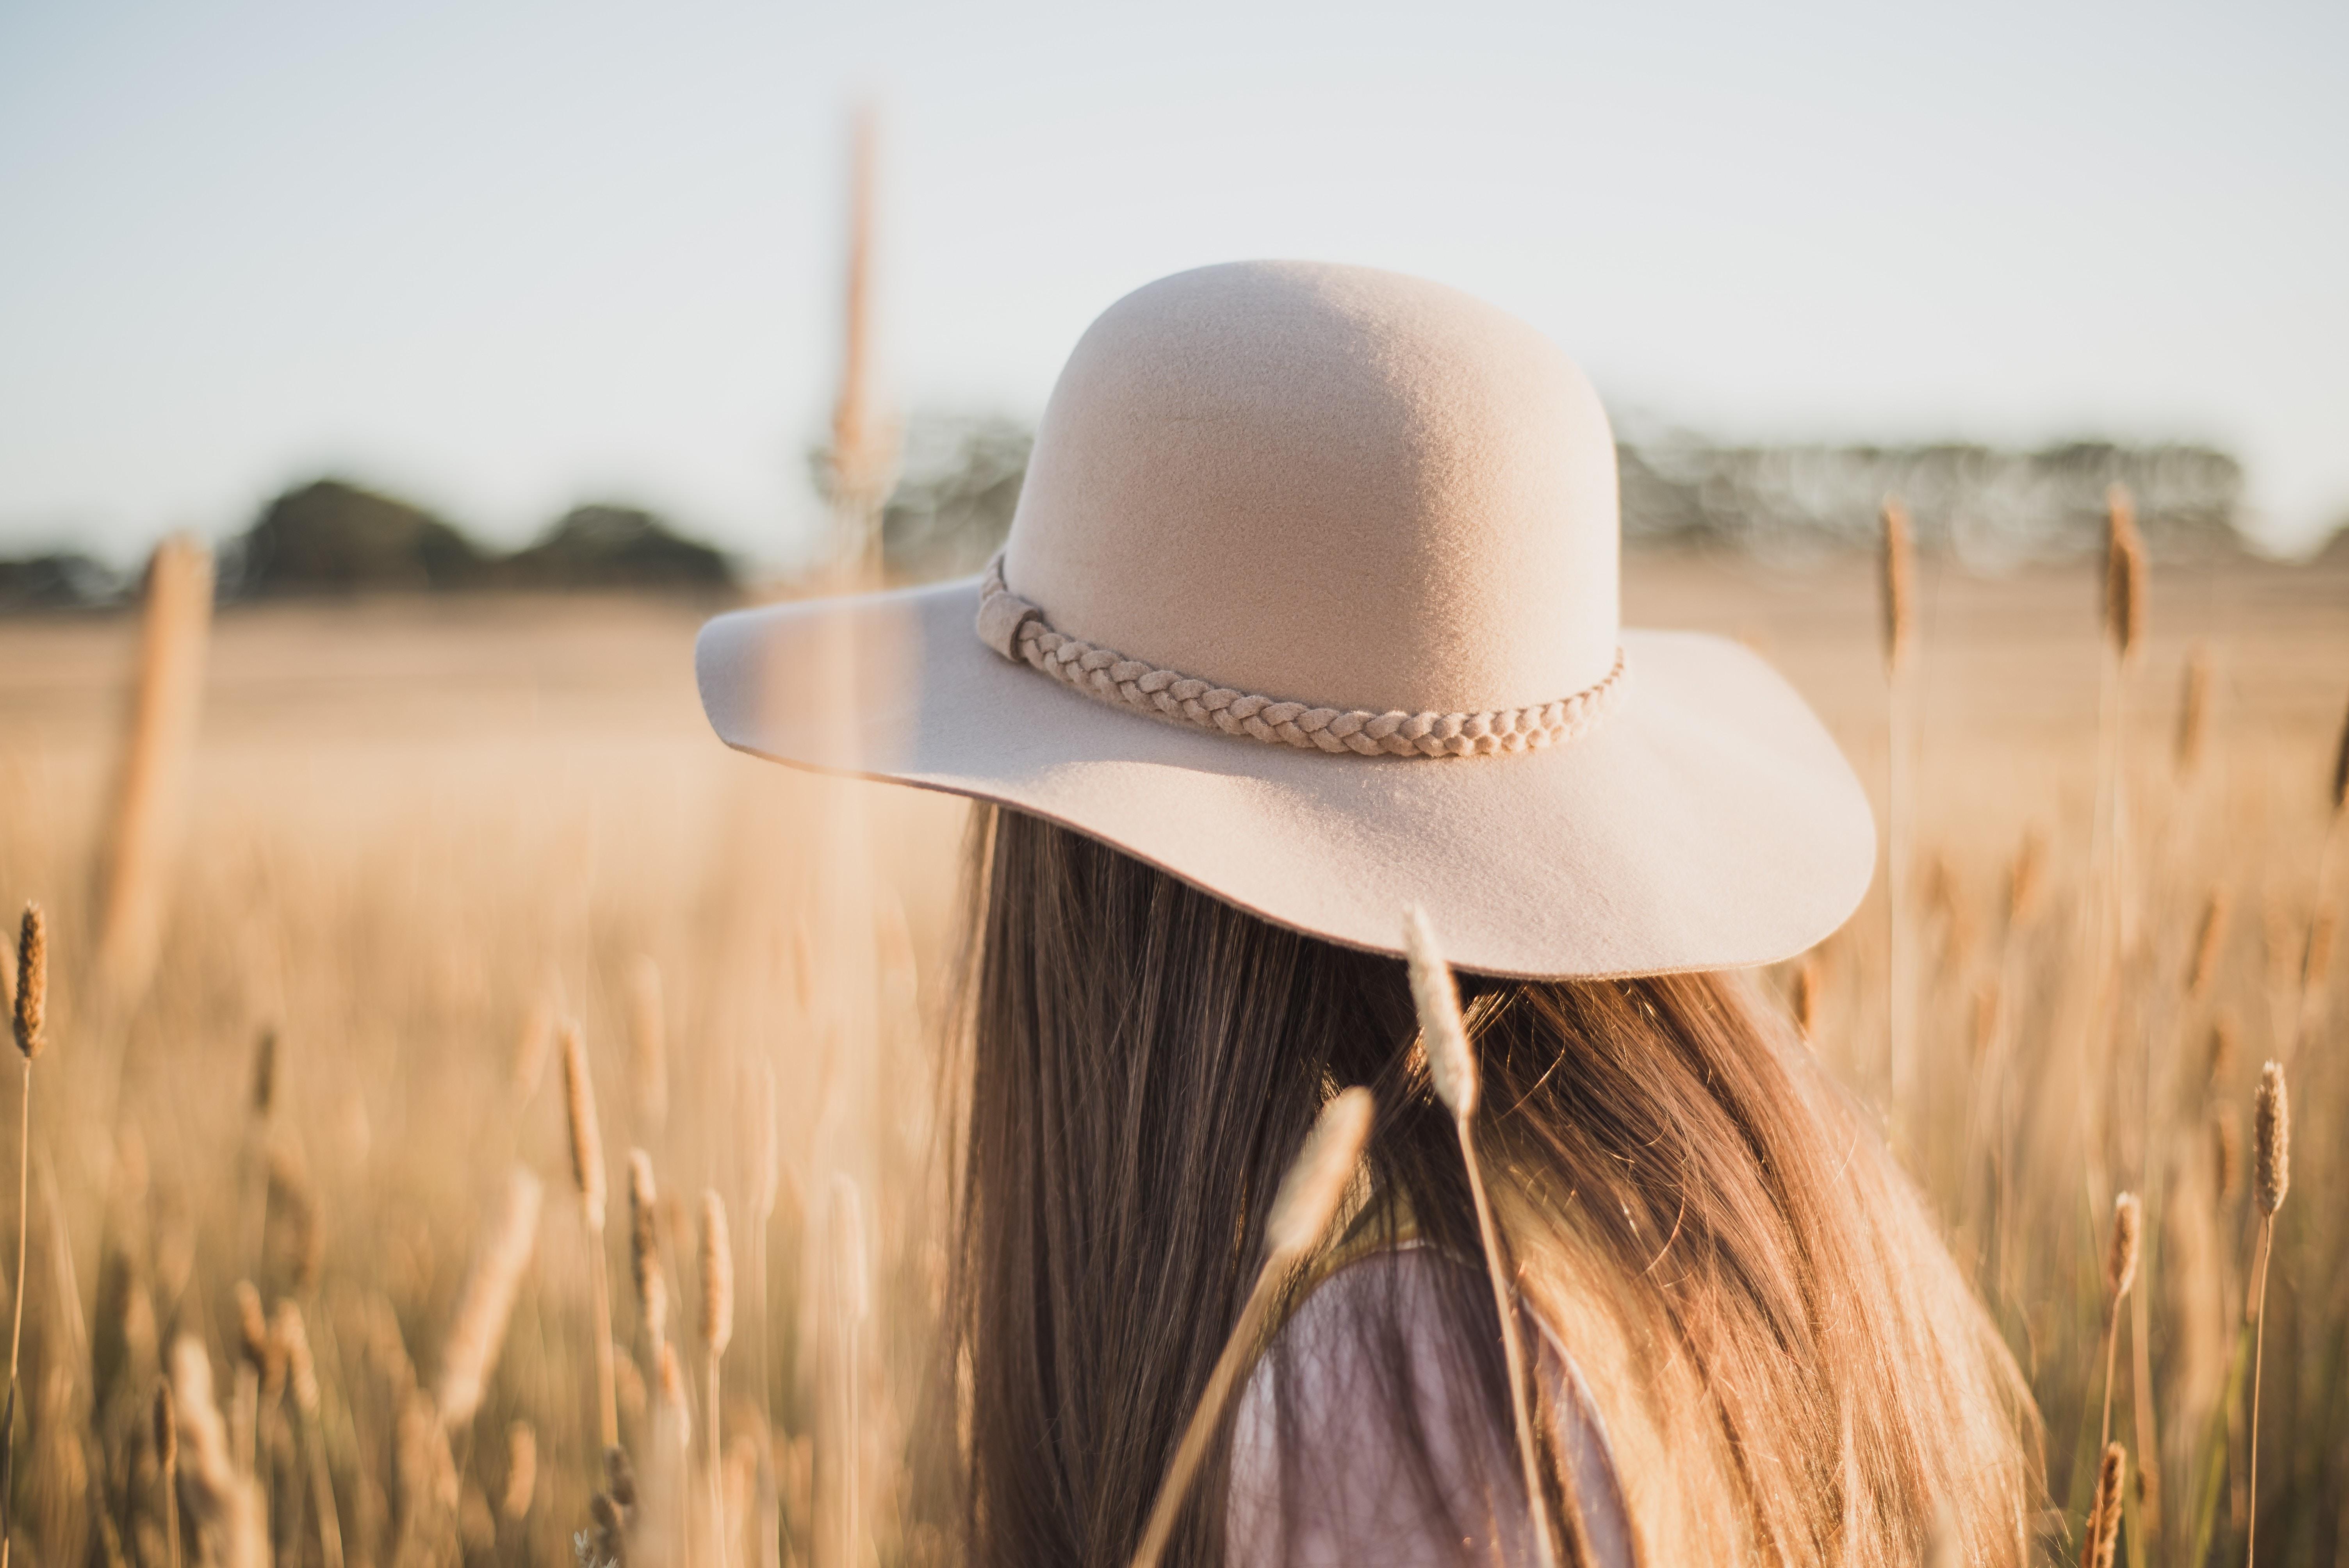 woman wearing beige sun hat standing on wheat field